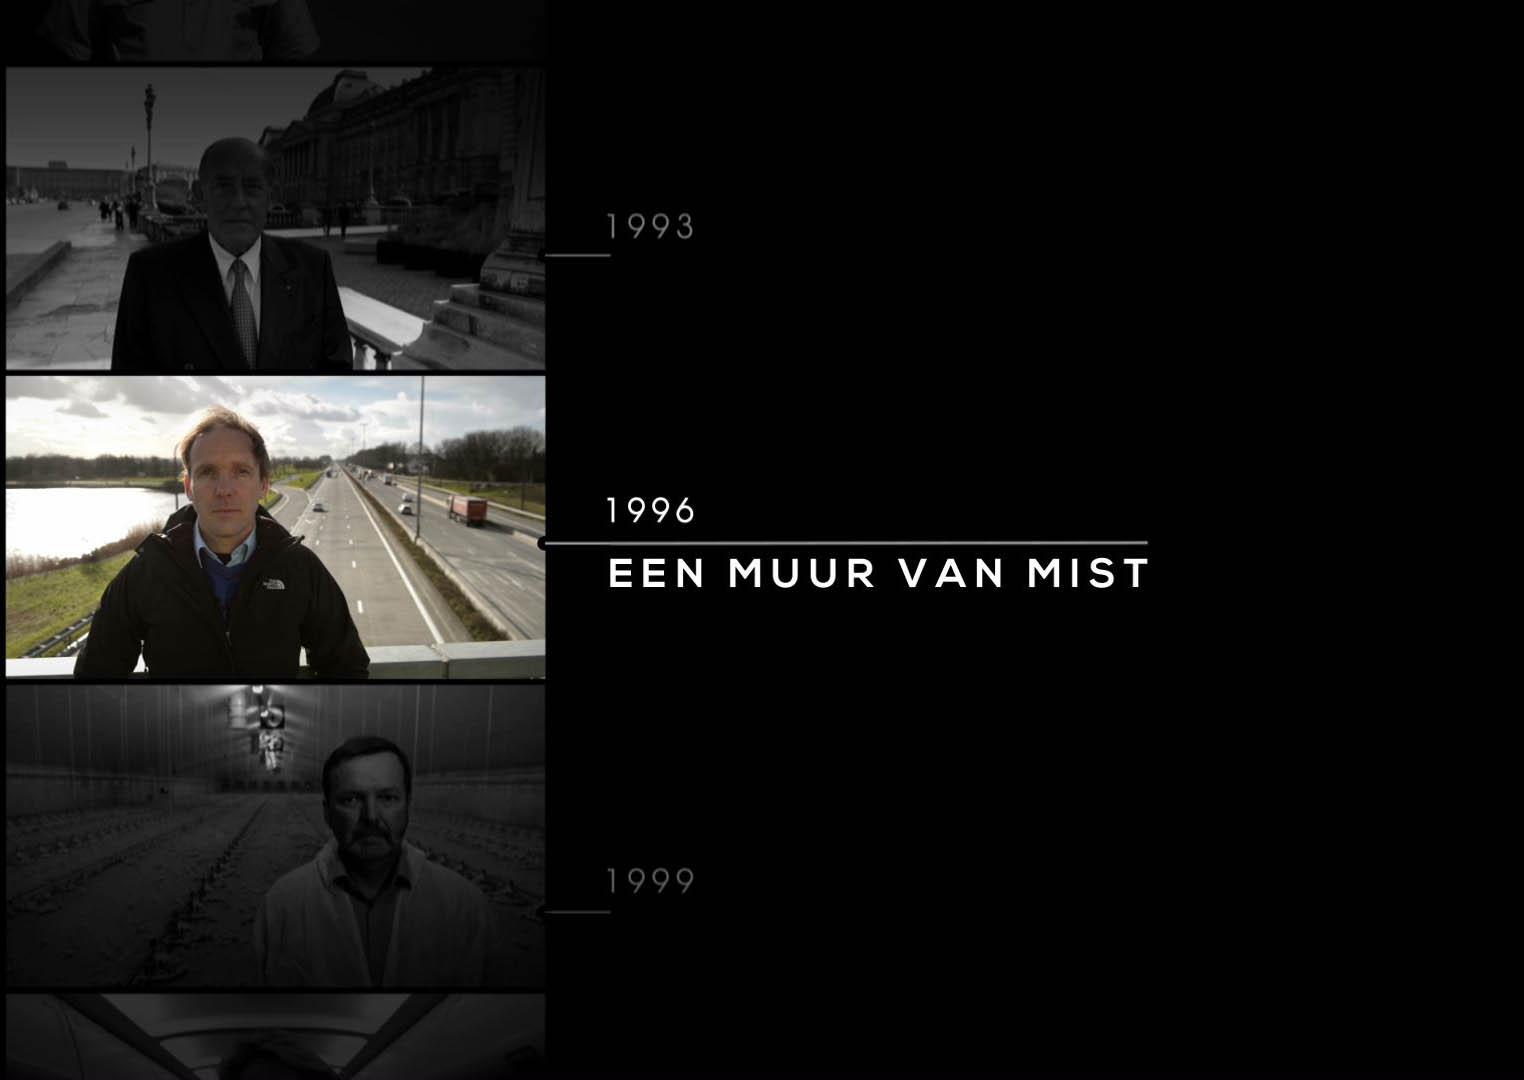 http://www.nooitmeerdezelfde.be/wp-content/uploads/2013/08/7a1.jpg